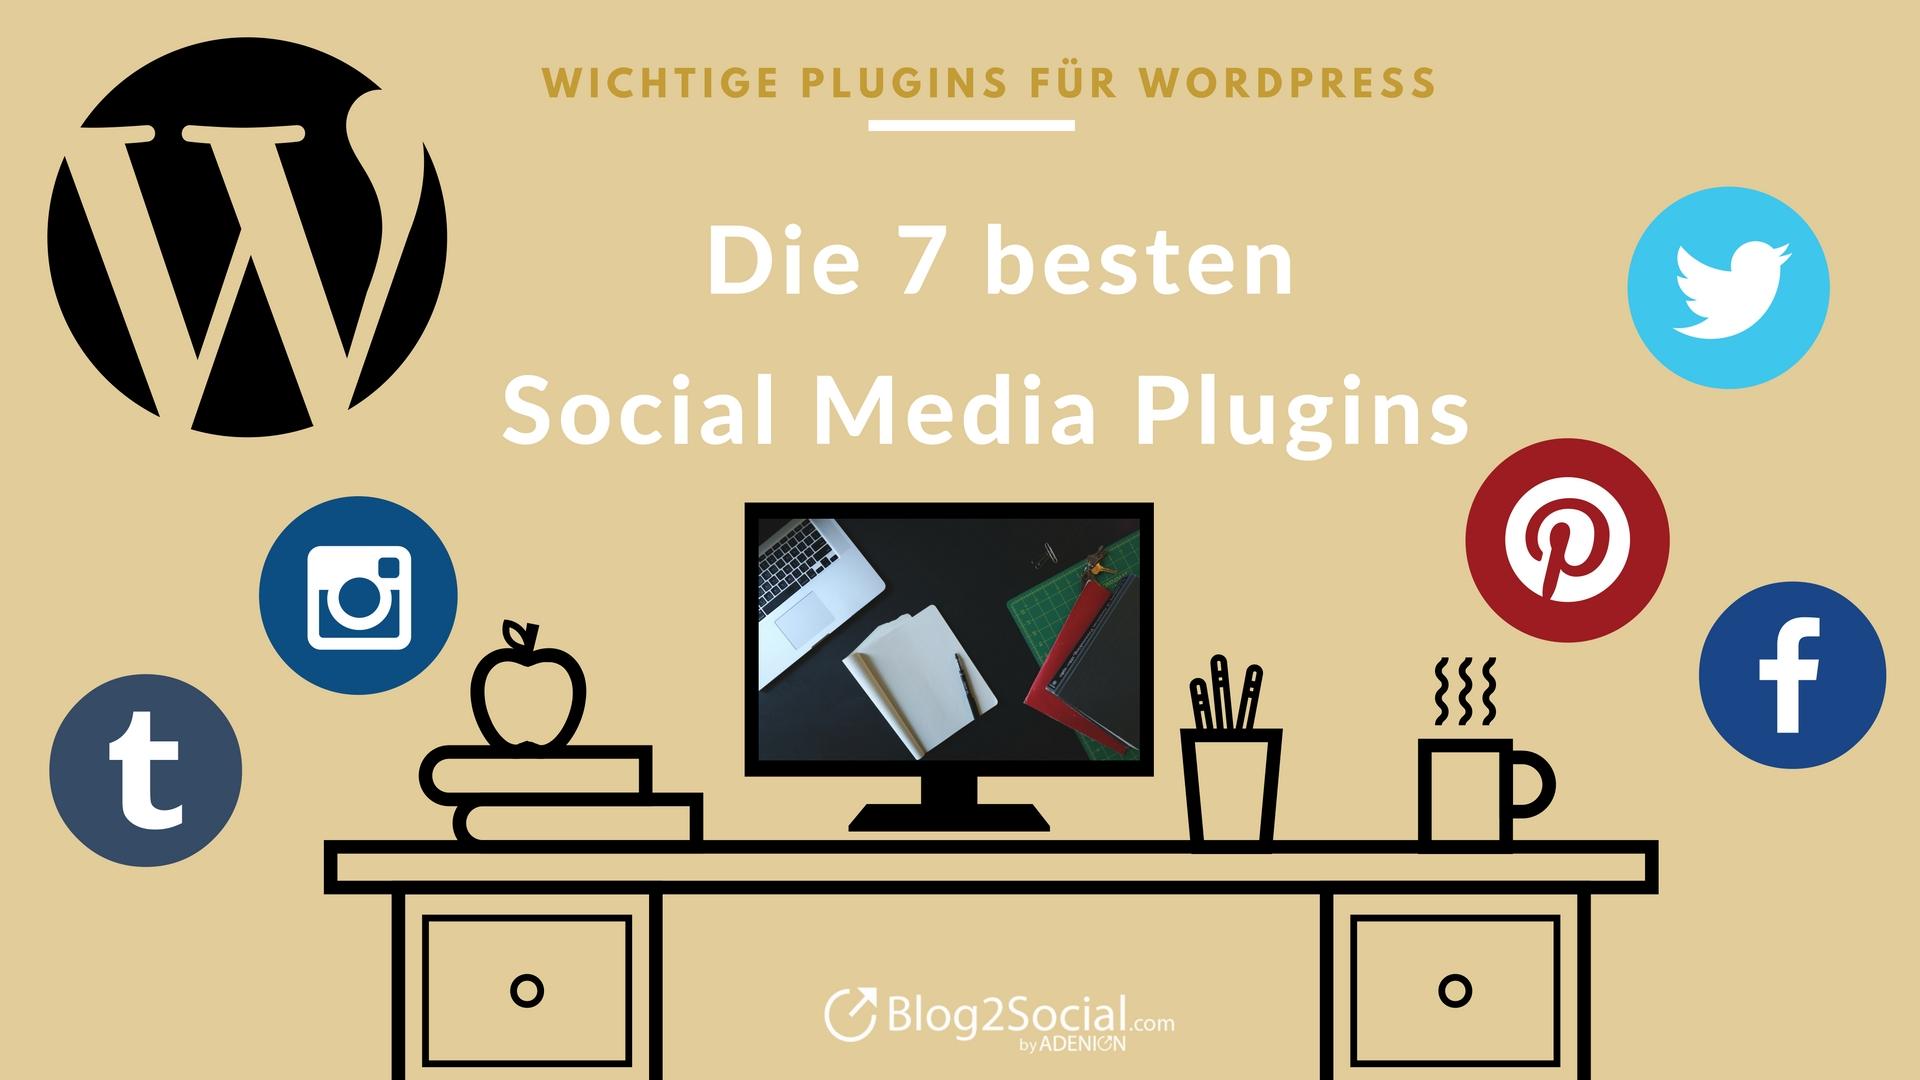 Social Media Plugins - Die 7 wichtigsten Plugins für Ihren Blog